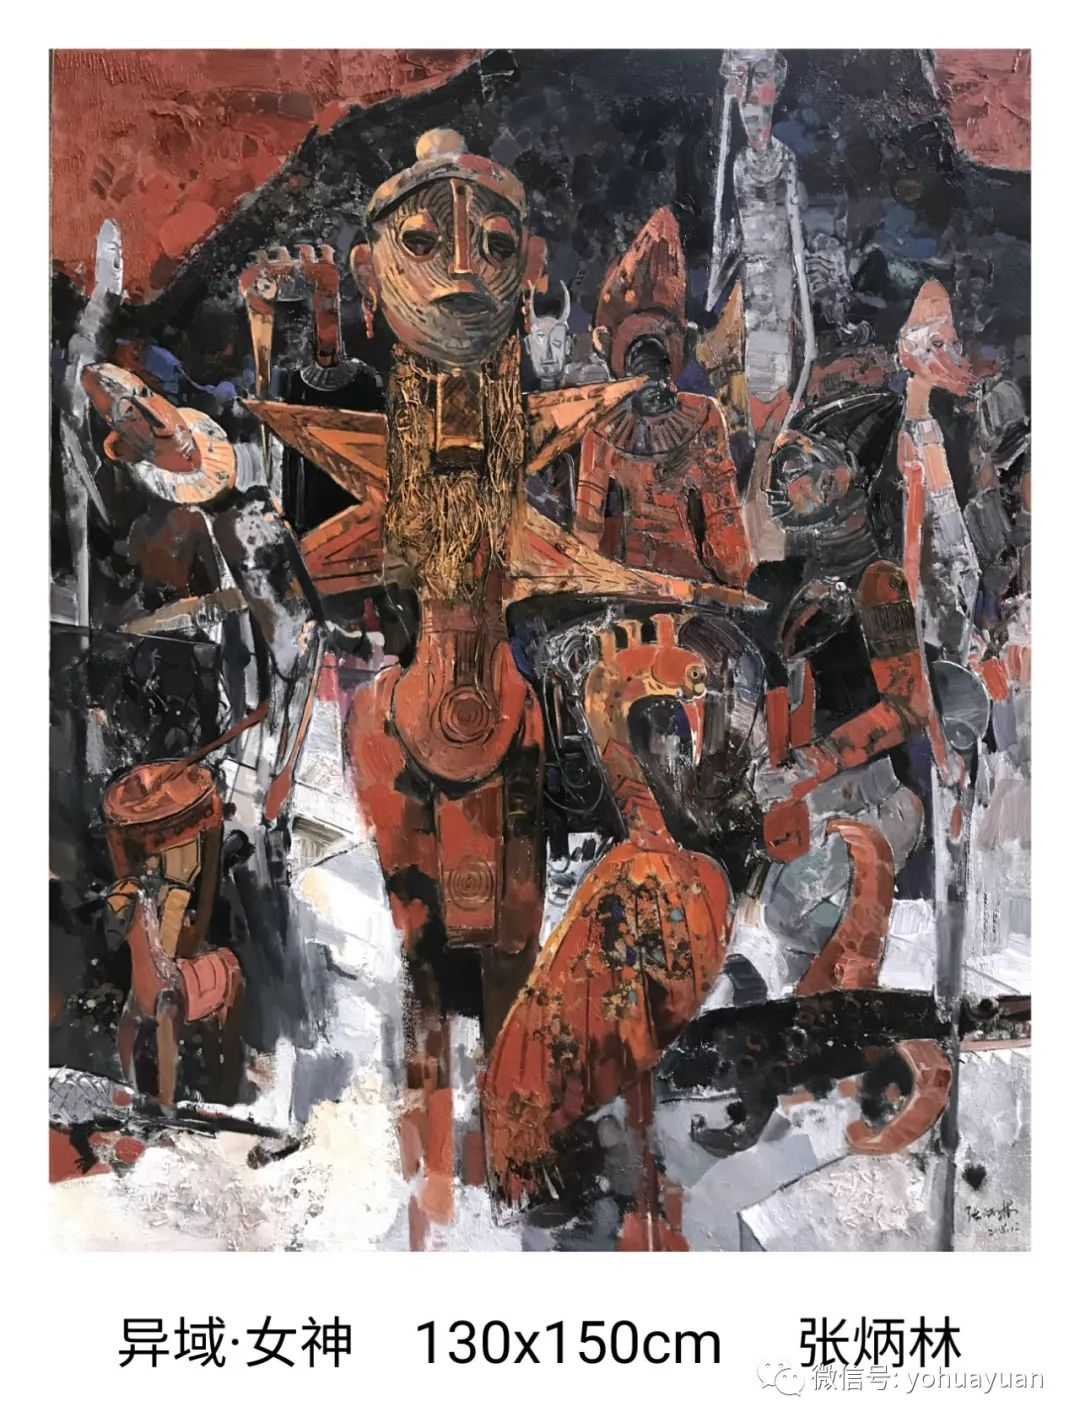 油画作品拍卖(内蒙古草原写生) 第96张 油画作品拍卖(内蒙古草原写生) 蒙古画廊